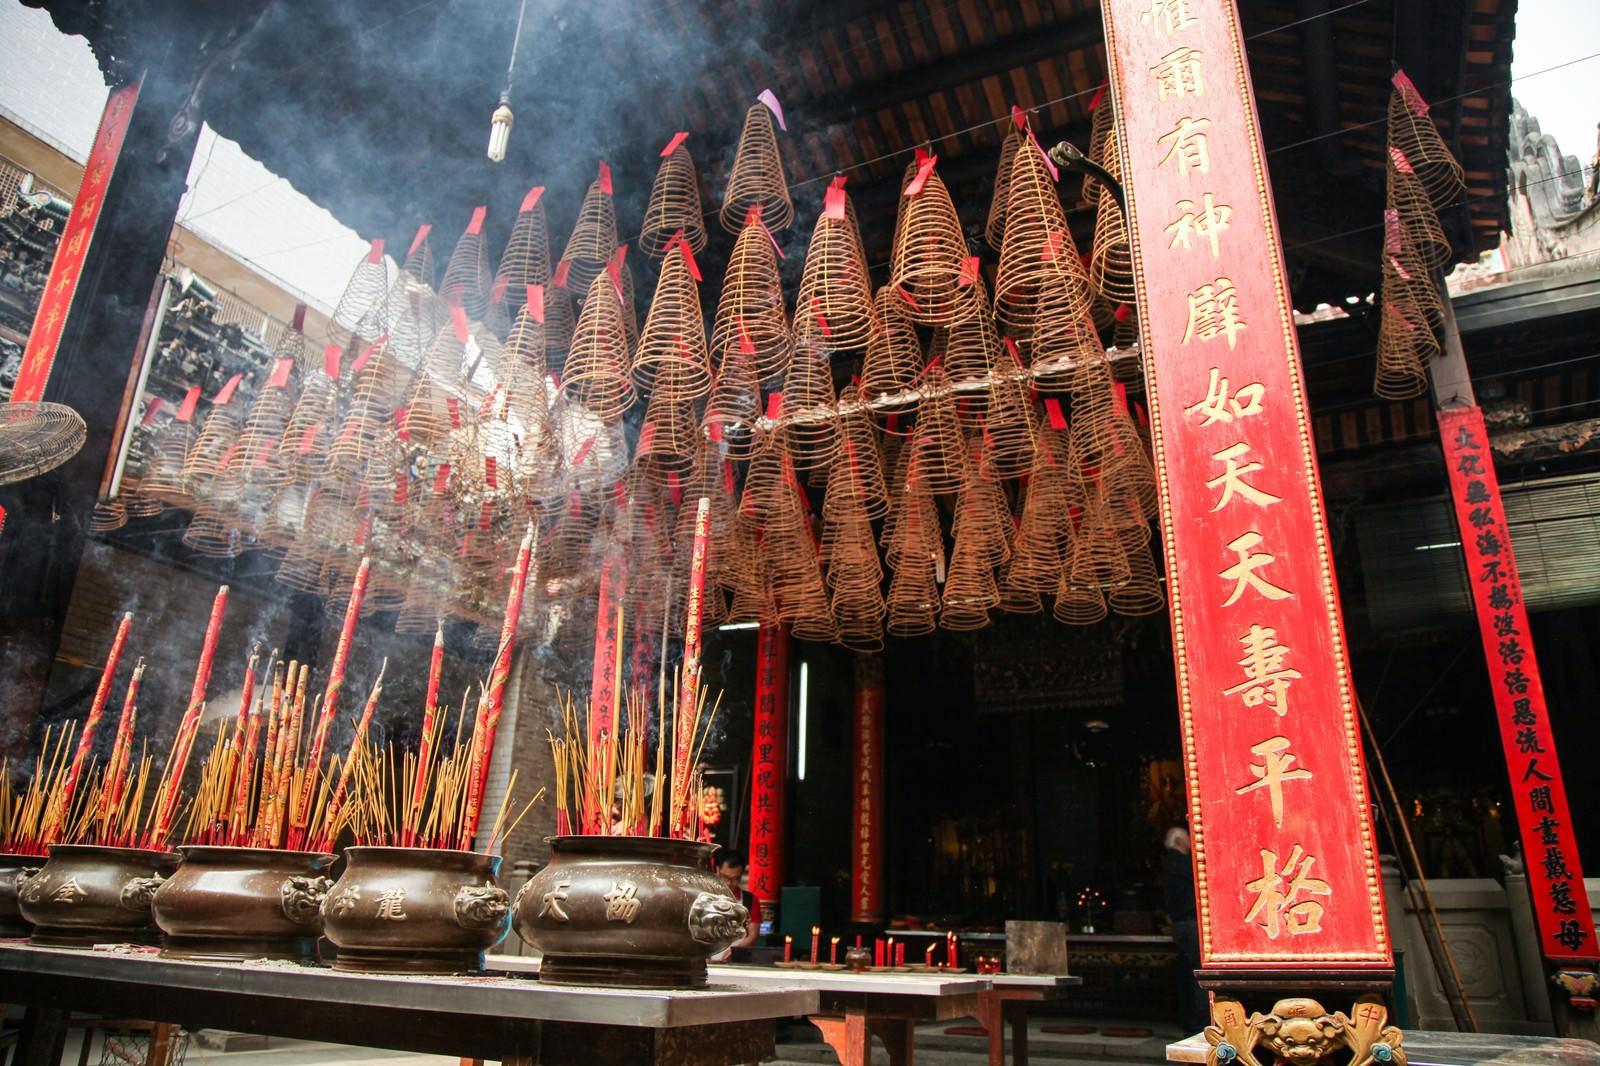 「天后宮(ティエンハウ廟)と吊るされた渦巻き線香」の写真